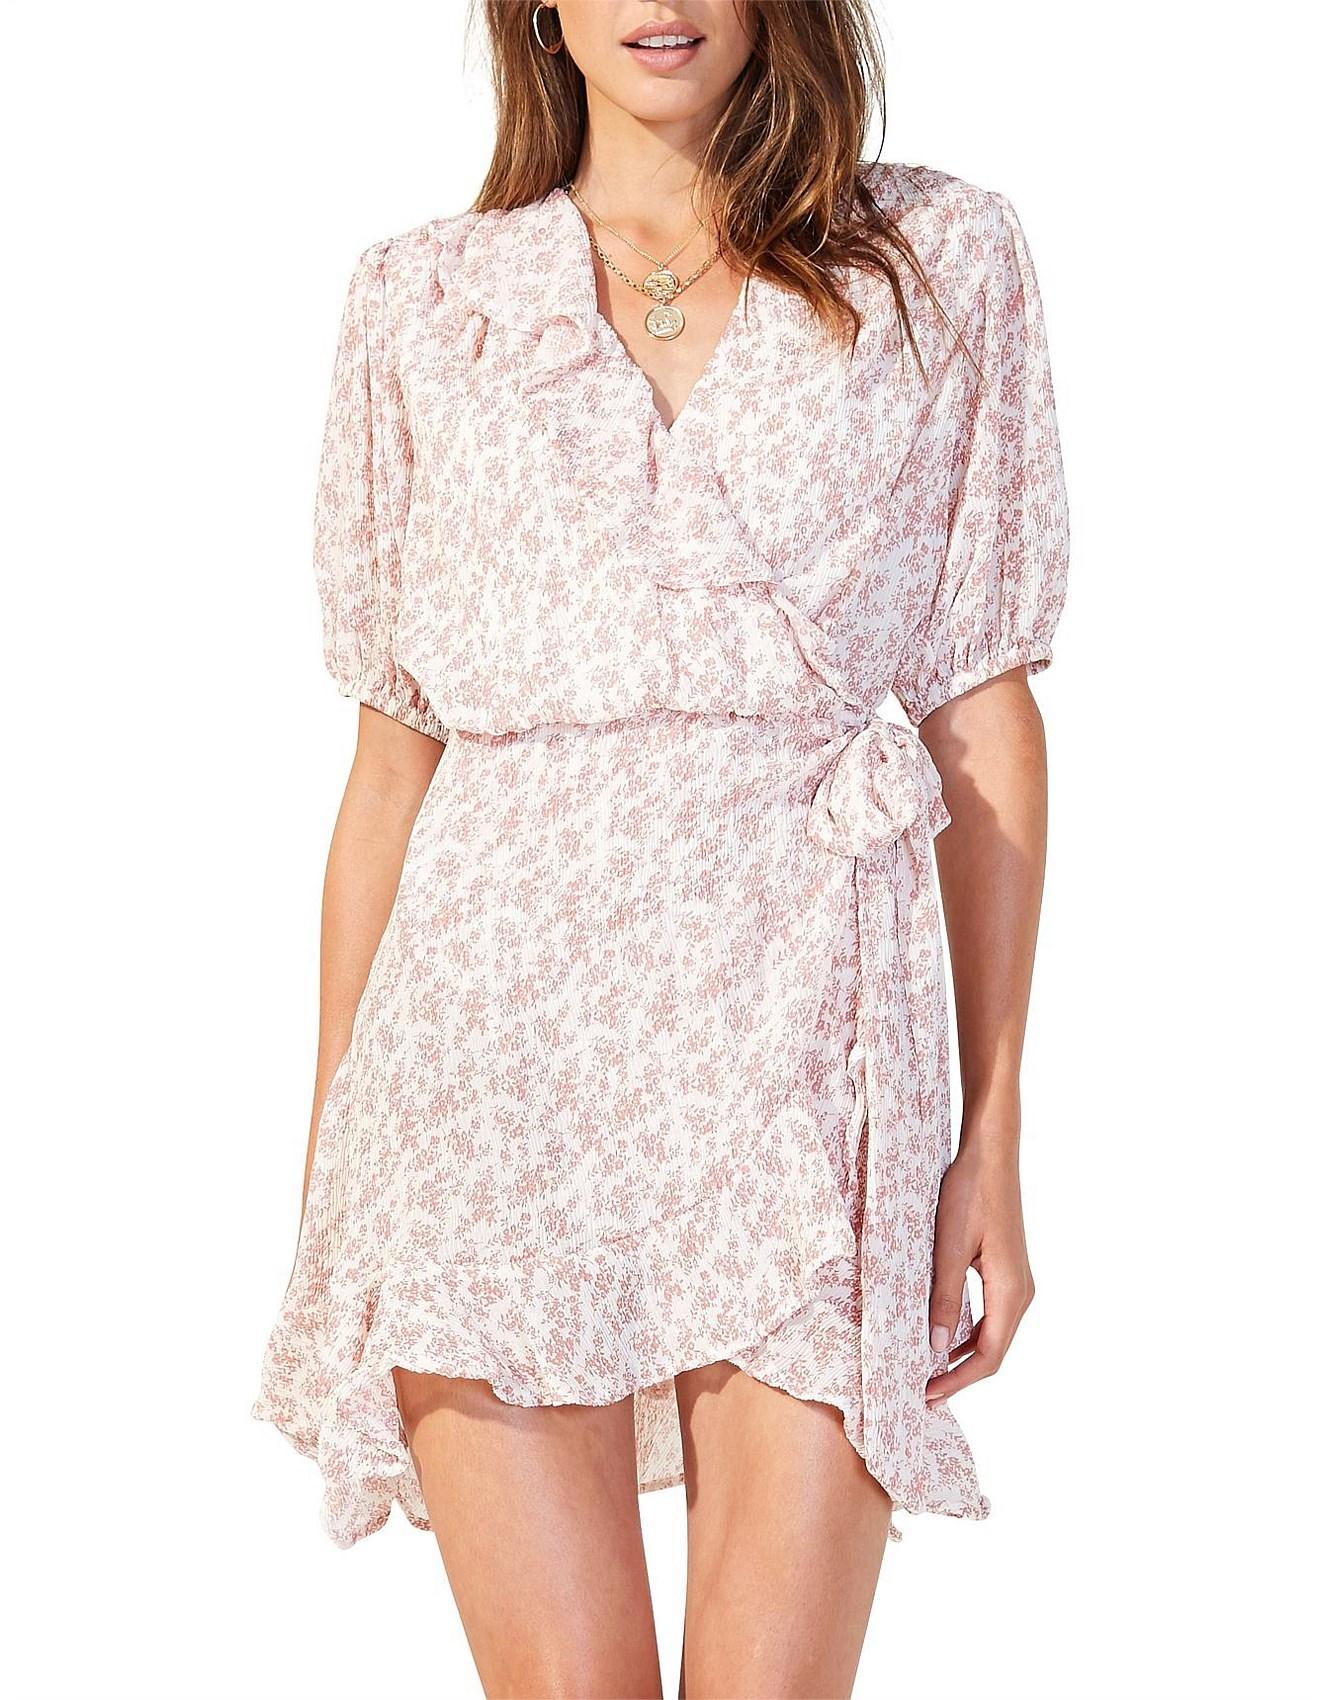 Mink Pink Clothing Online David Jones